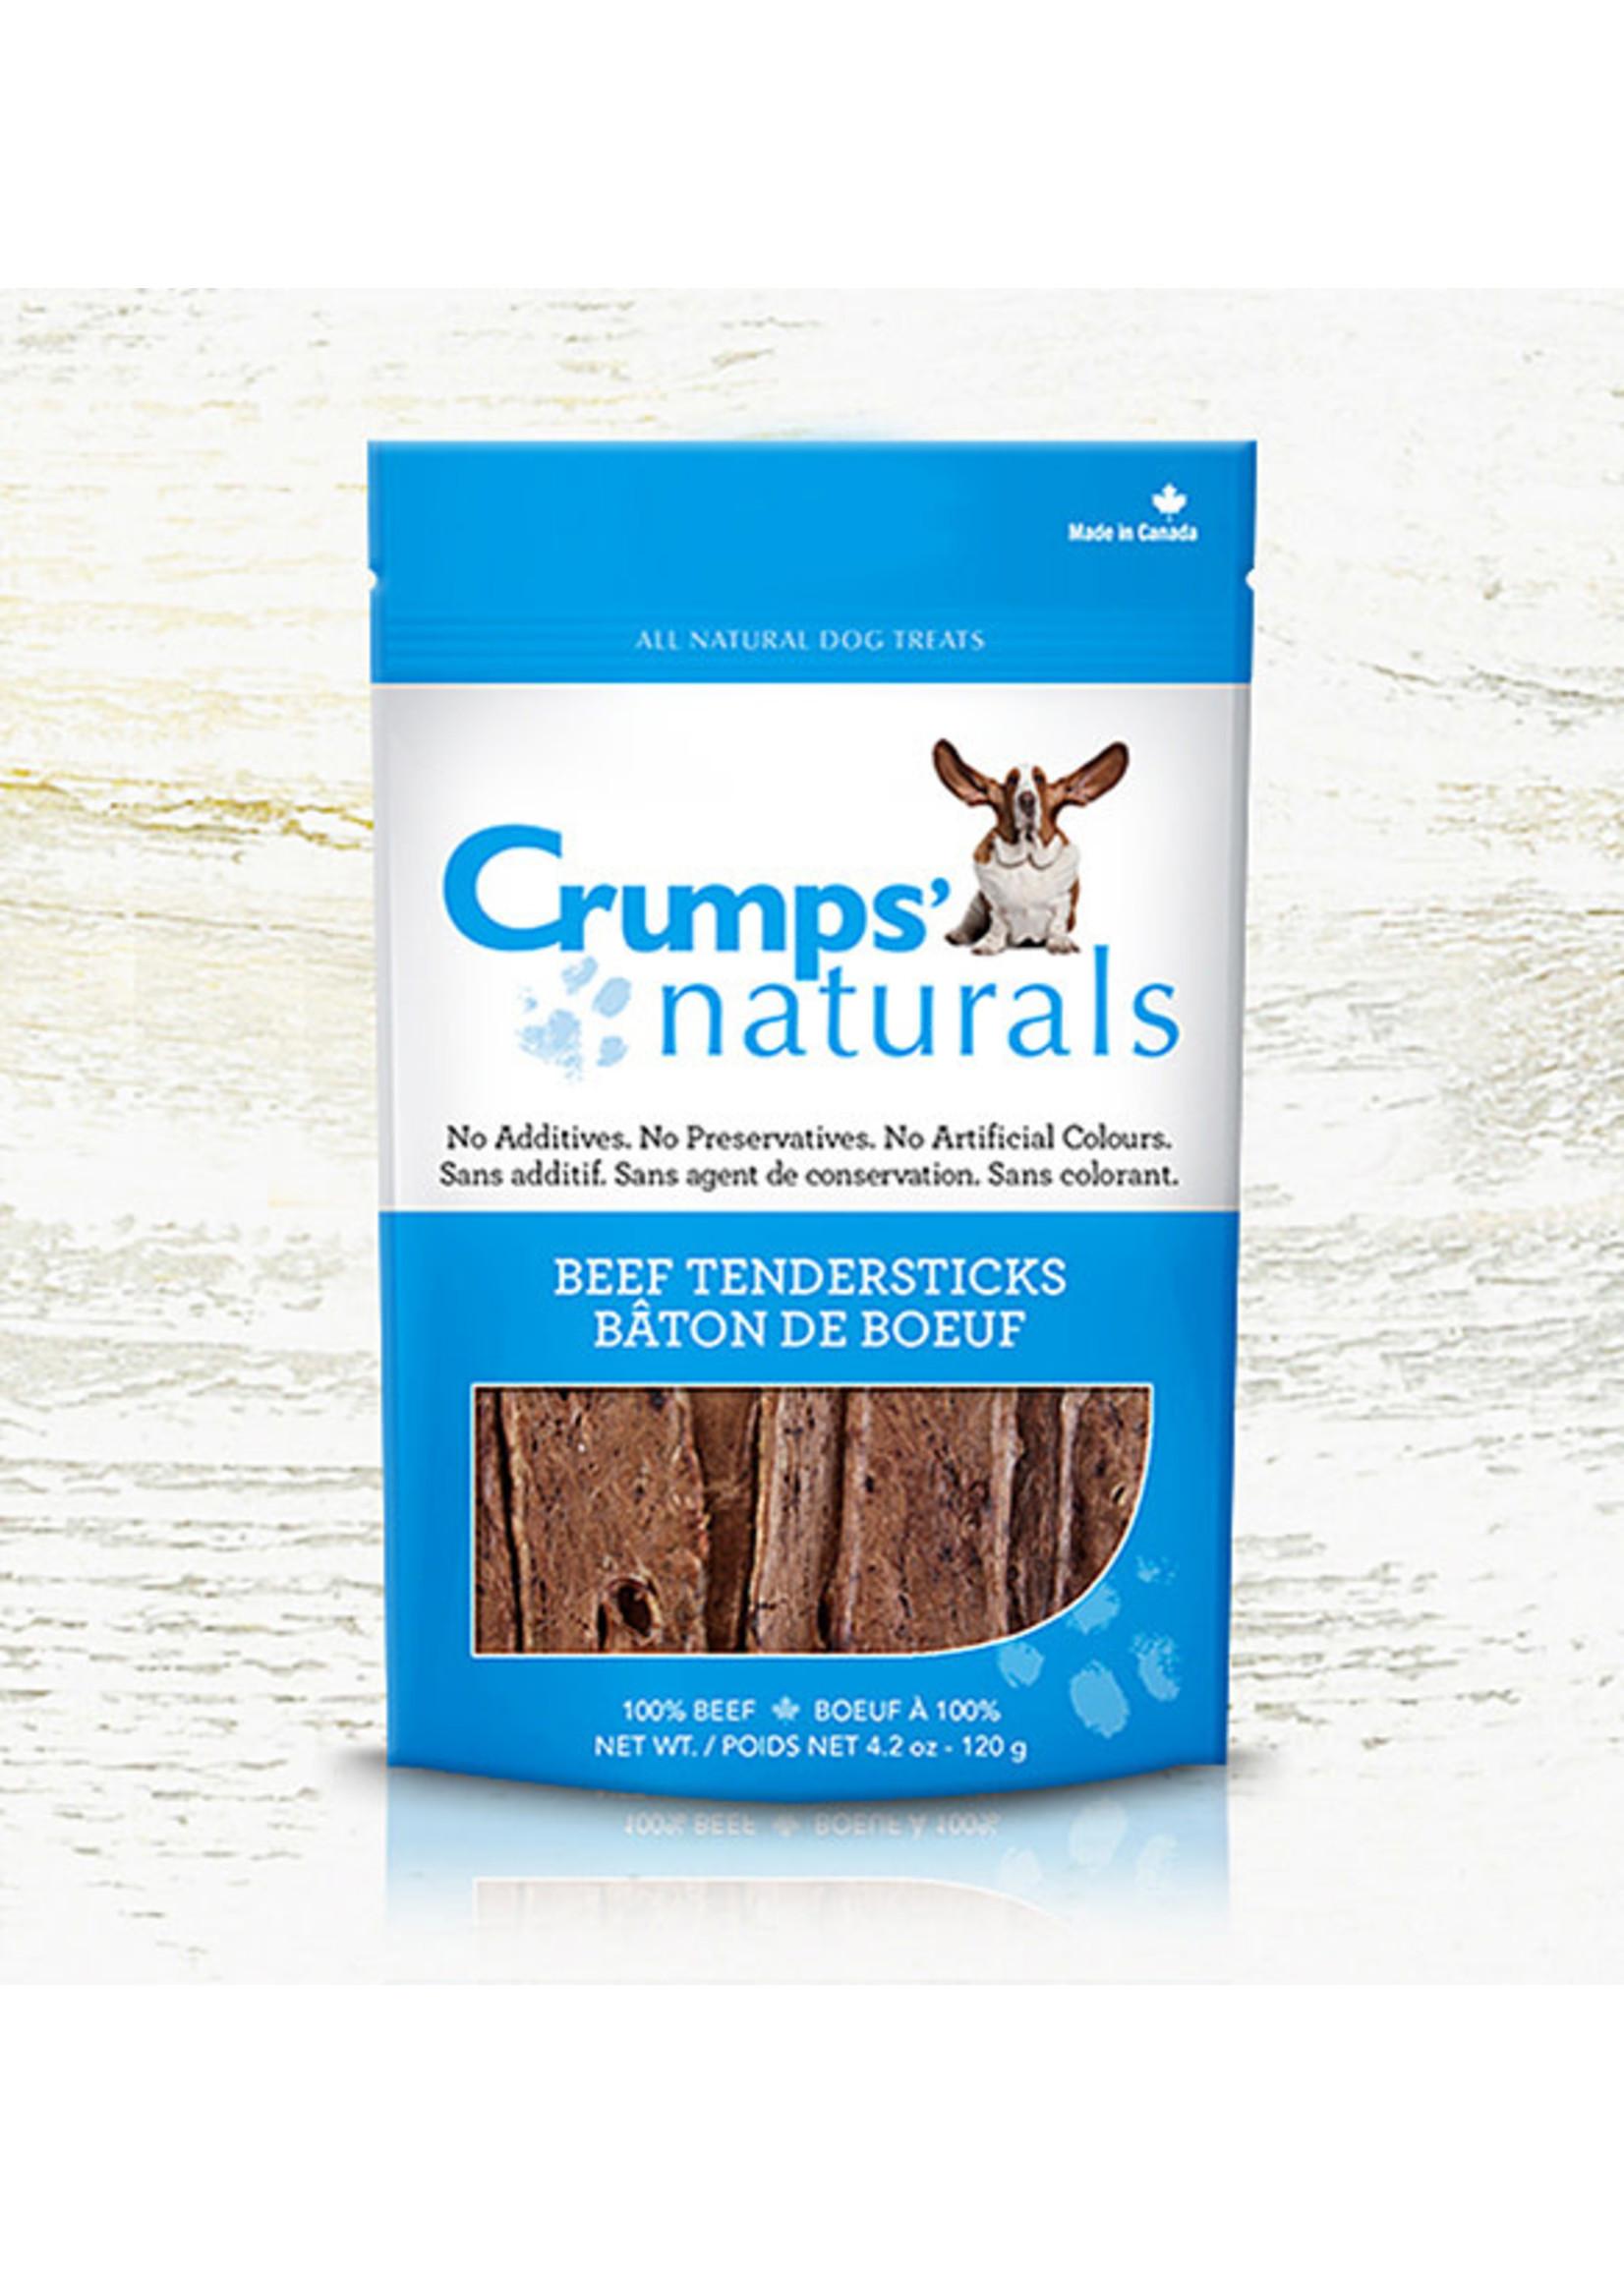 Crumps Crumps chien bâtonnets de poumon de boeuf 4.2oz